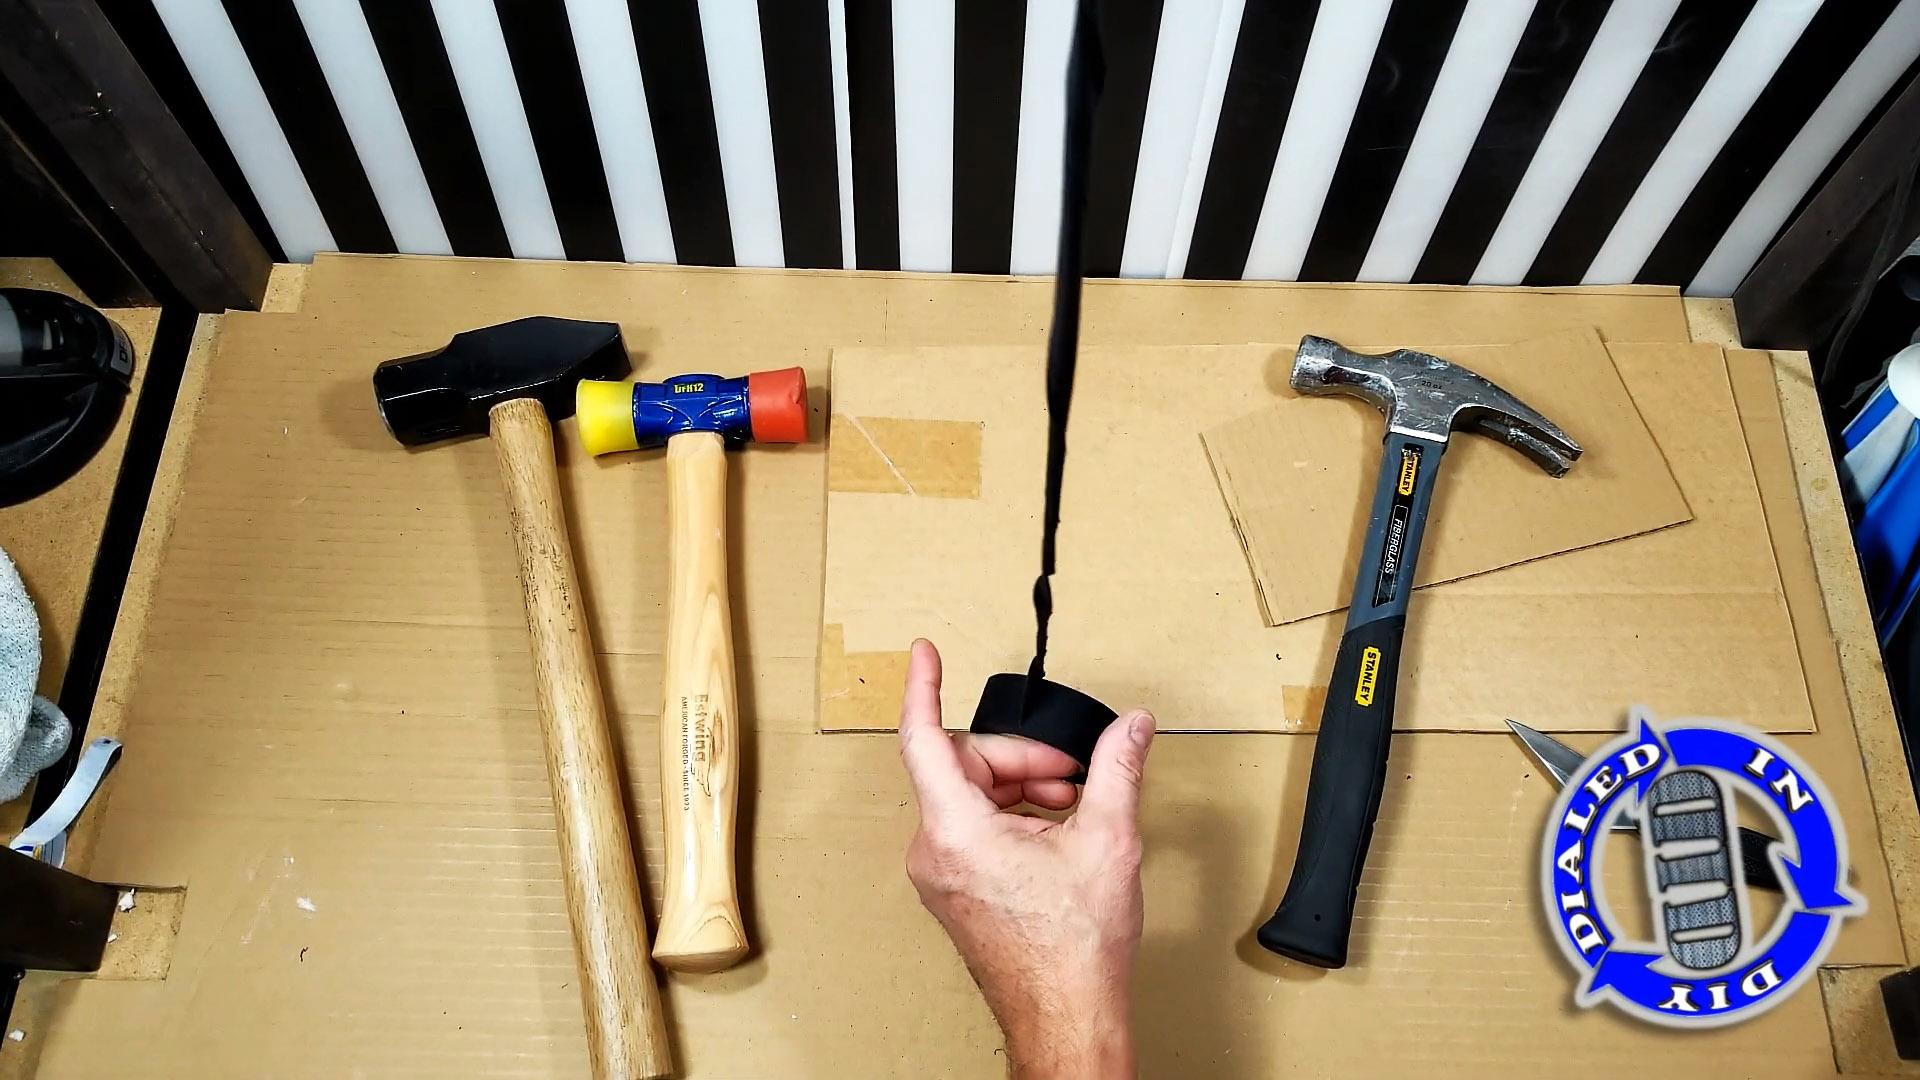 Инструмент будет держаться в руке как влитой, если сделать простую противоскользящую намотку